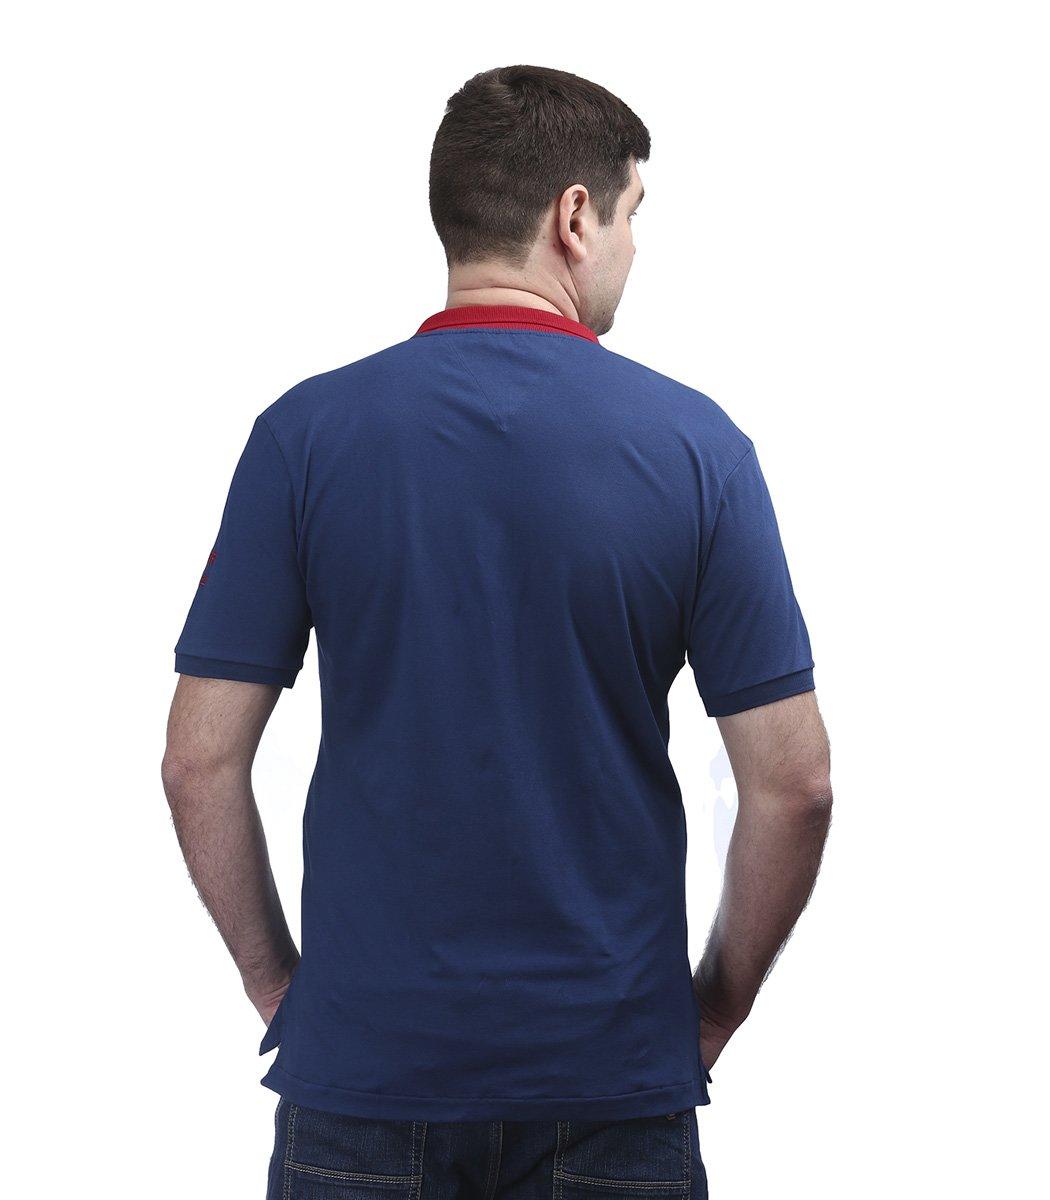 Синяя футболка поло Tommy Hilfiger с красным воротником TH4